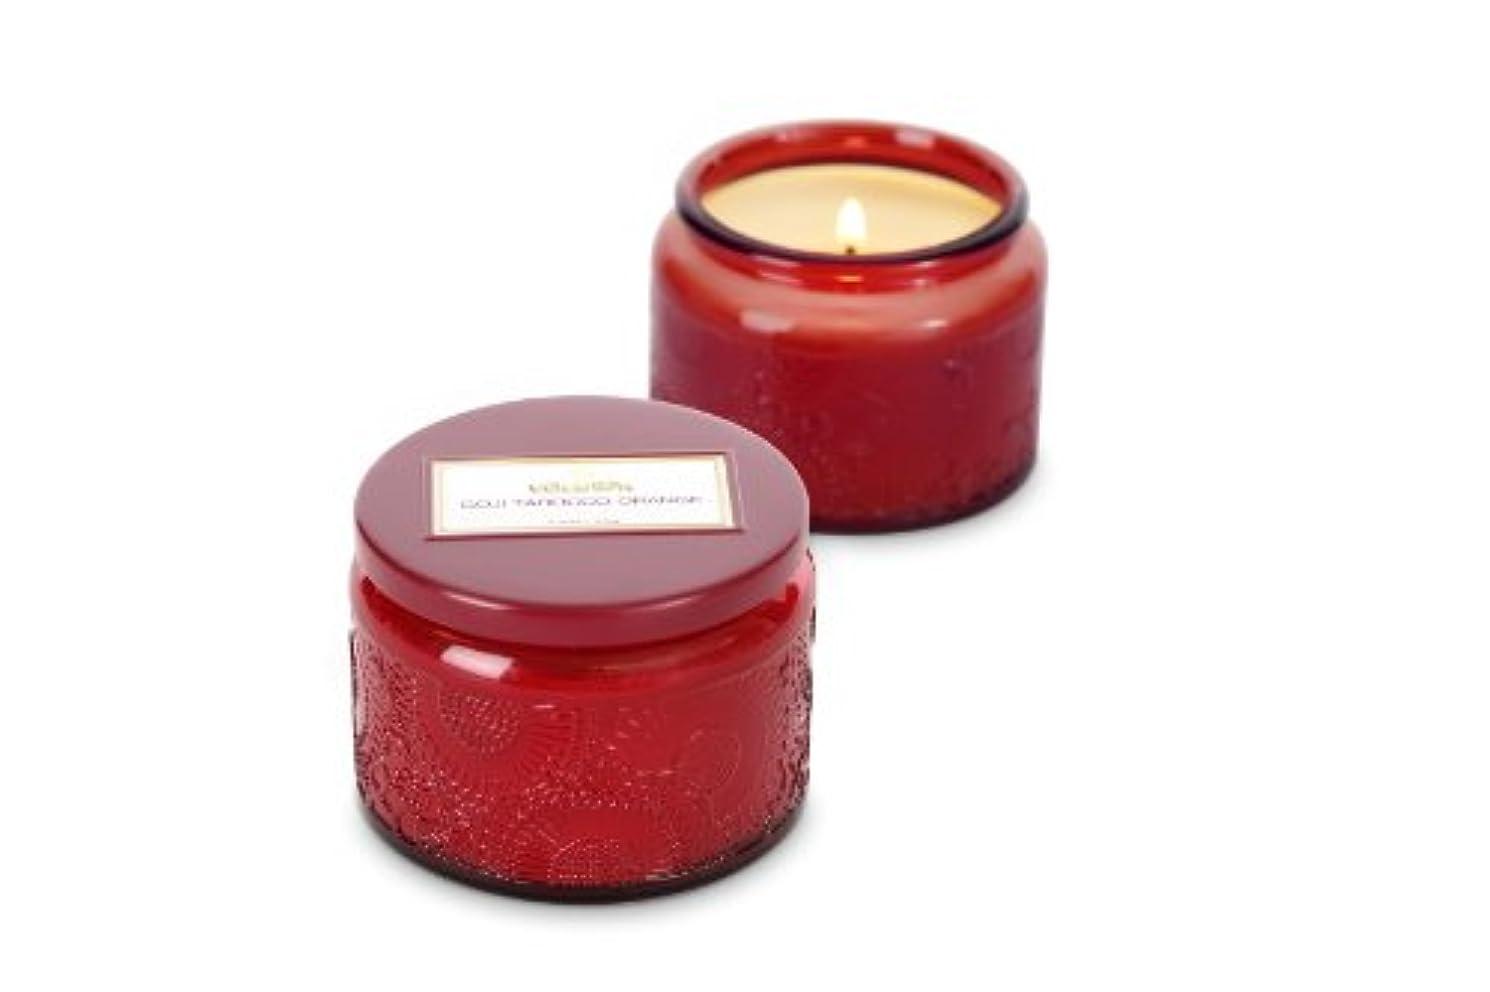 生きている法律味方Voluspa ボルスパ ジャポニカ グラスジャーキャンドル S ゴージ&タロッコオレンジ JAPONICA Glass jar candle GOJI & TAROCCO ORANGE